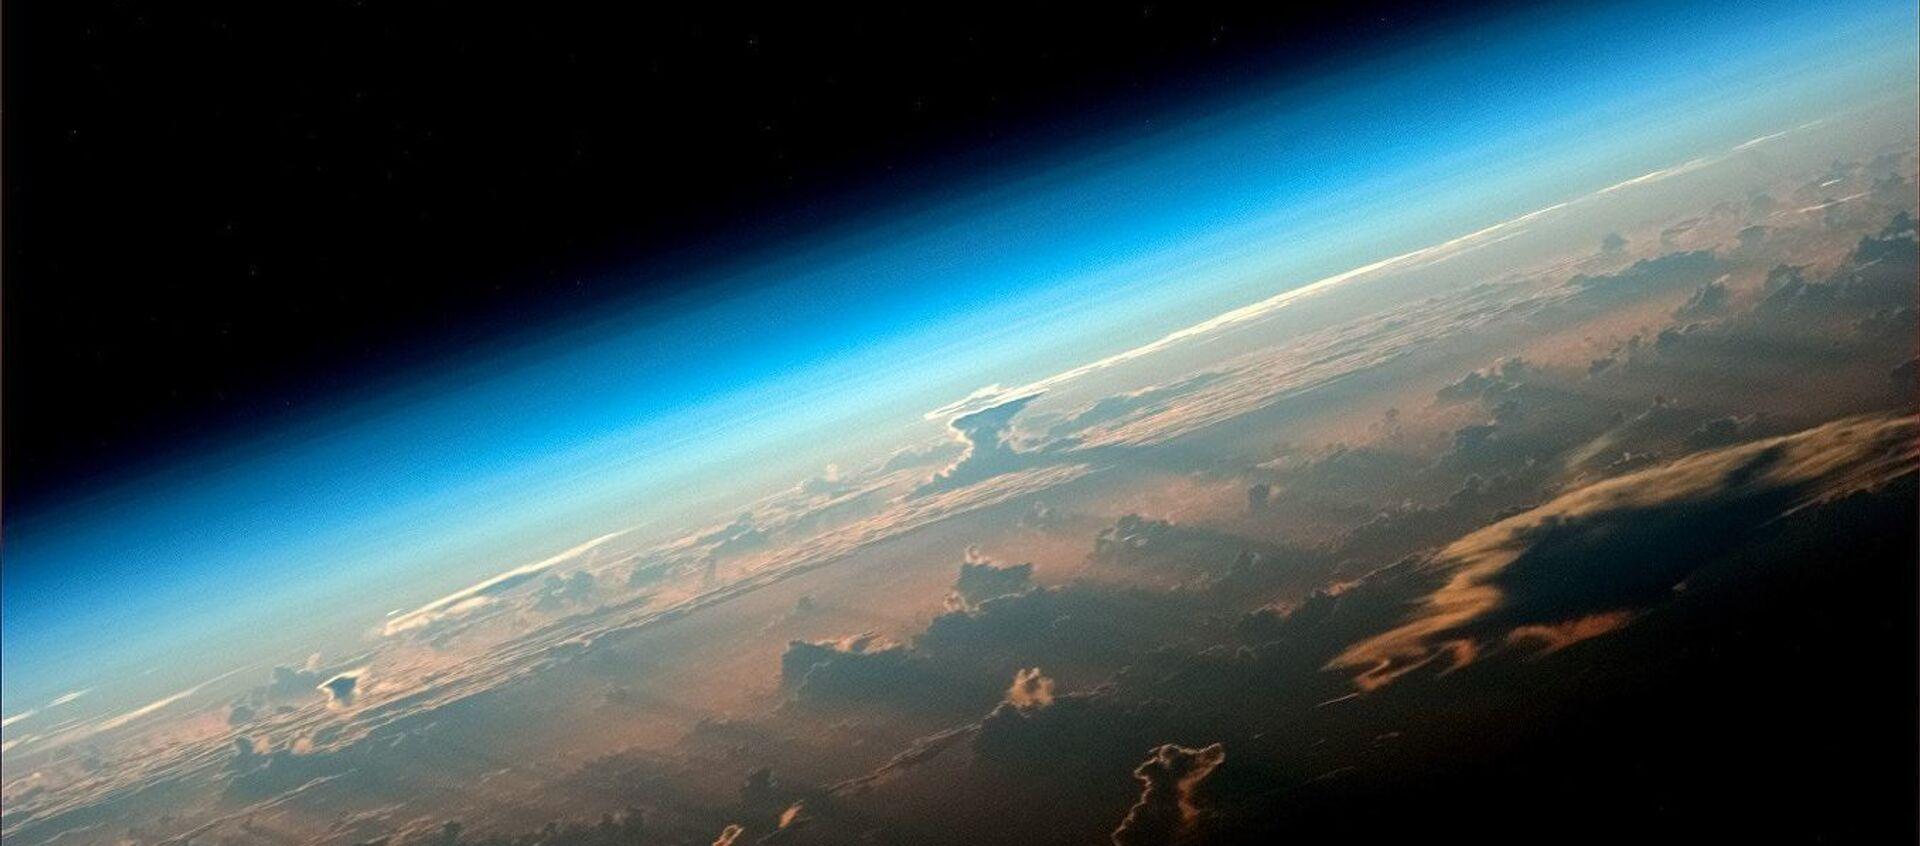 Pogled na Zemlju sa Međunarodne svemirske stanice - Sputnik Srbija, 1920, 25.05.2020